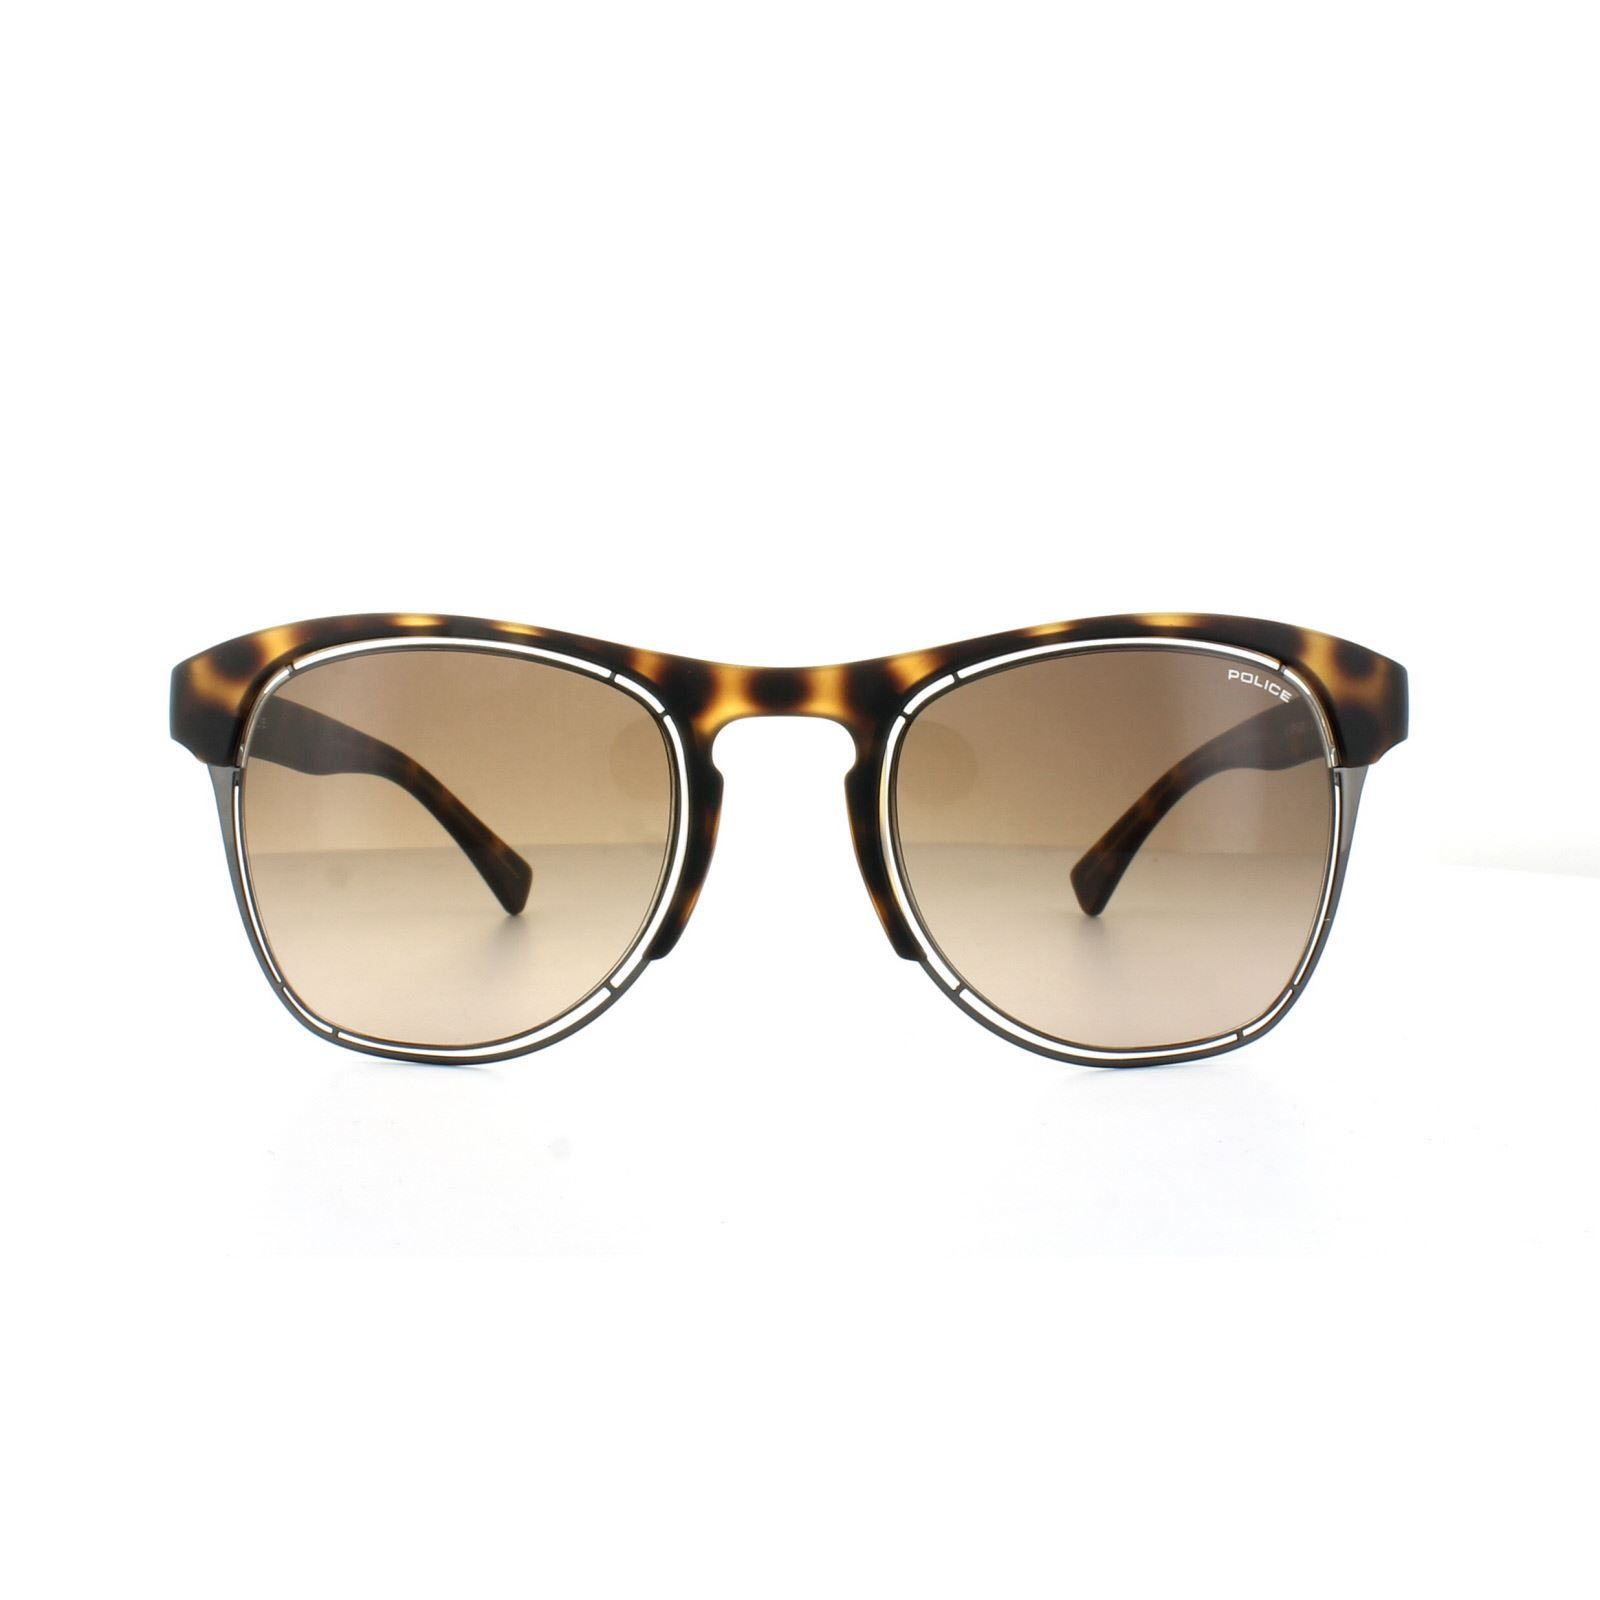 Police Sunglasses S1954 Offside 1 0738 Havana Brown Gradient